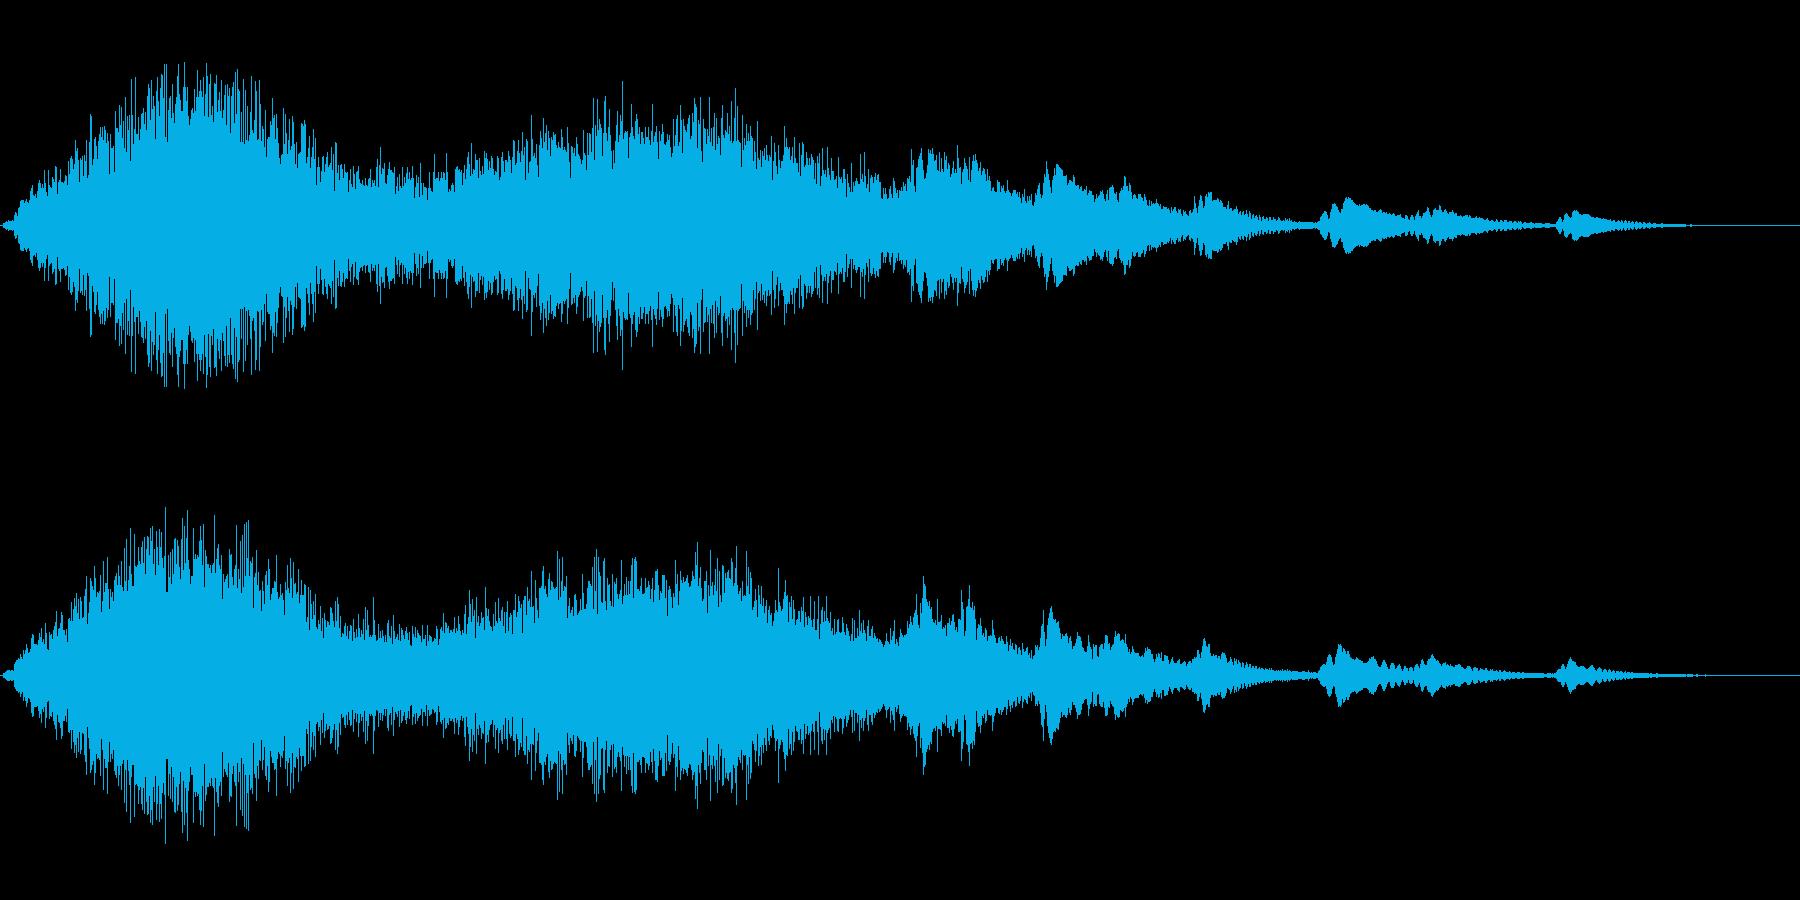 ジャララーンキラキラ(綺麗な魔法音)の再生済みの波形